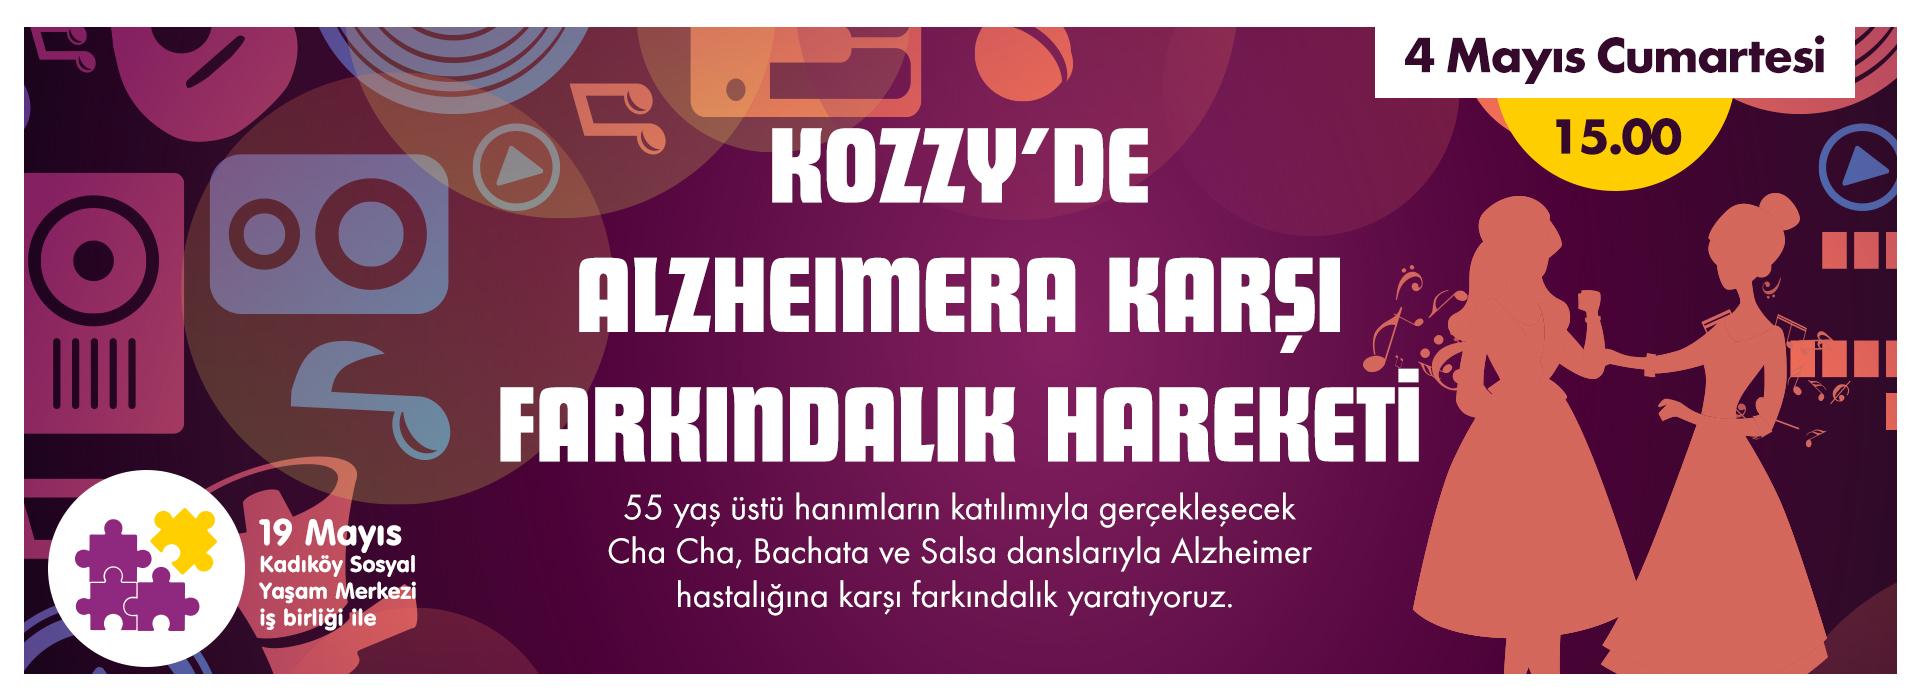 Kozzy'de Alzheimera Karşı Farkındalık Hareketi